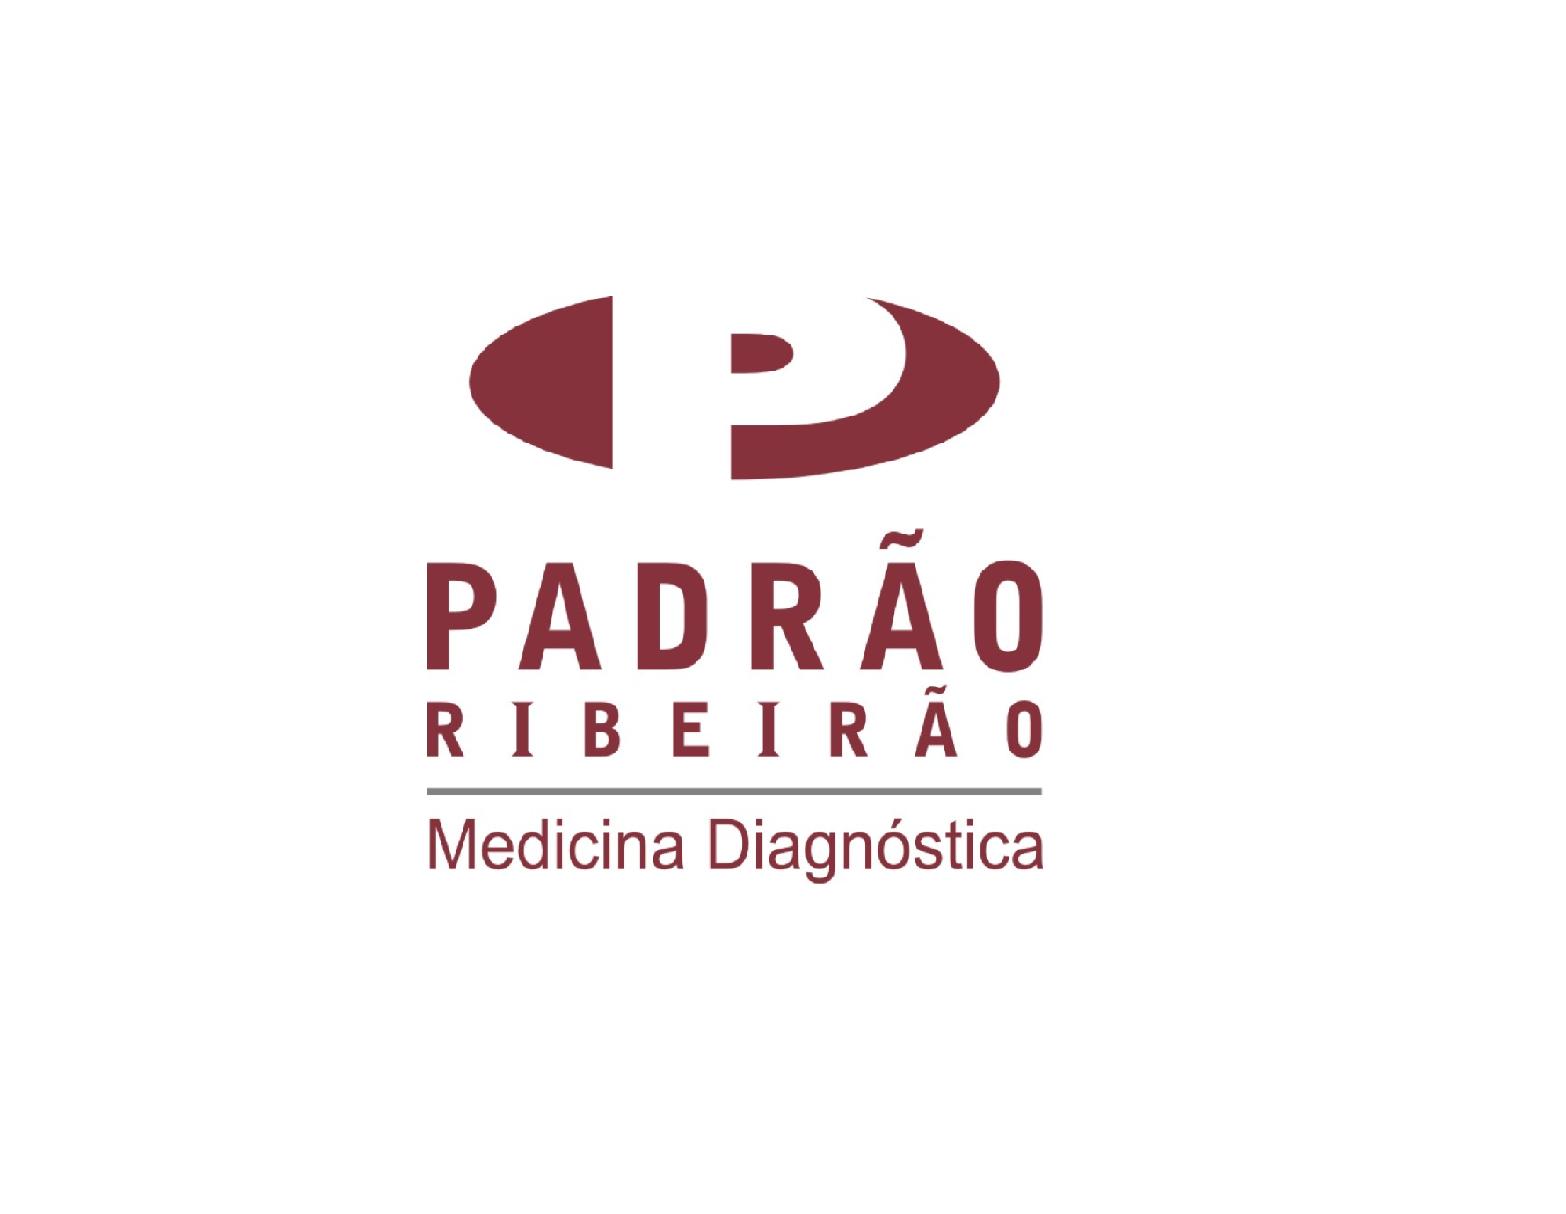 Padrão Ribeirão